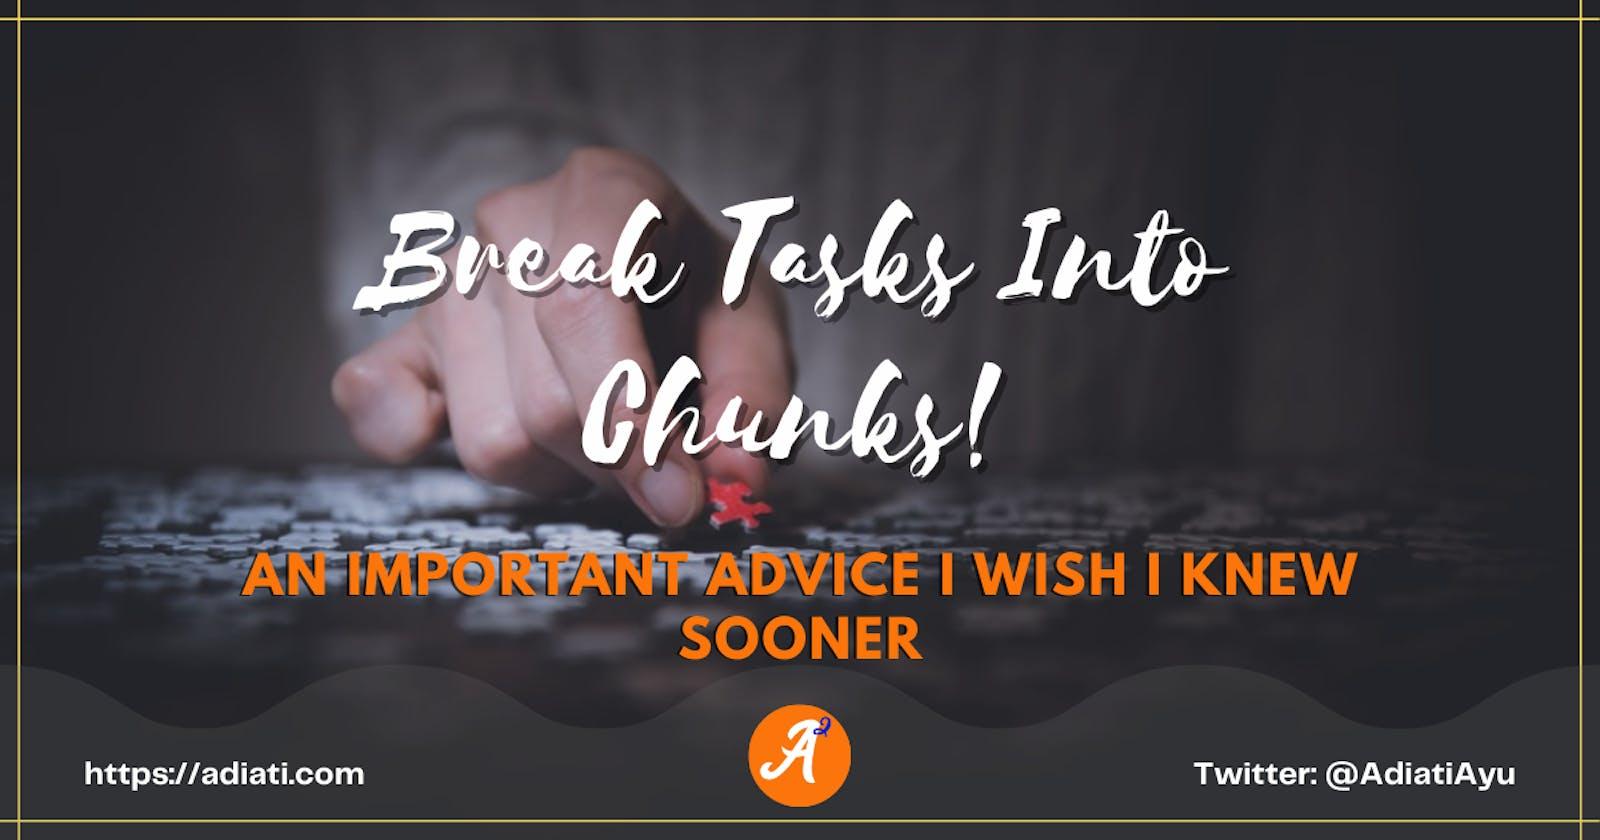 Break Tasks Into Chunks! - An Important Advice I Wish I Knew Sooner